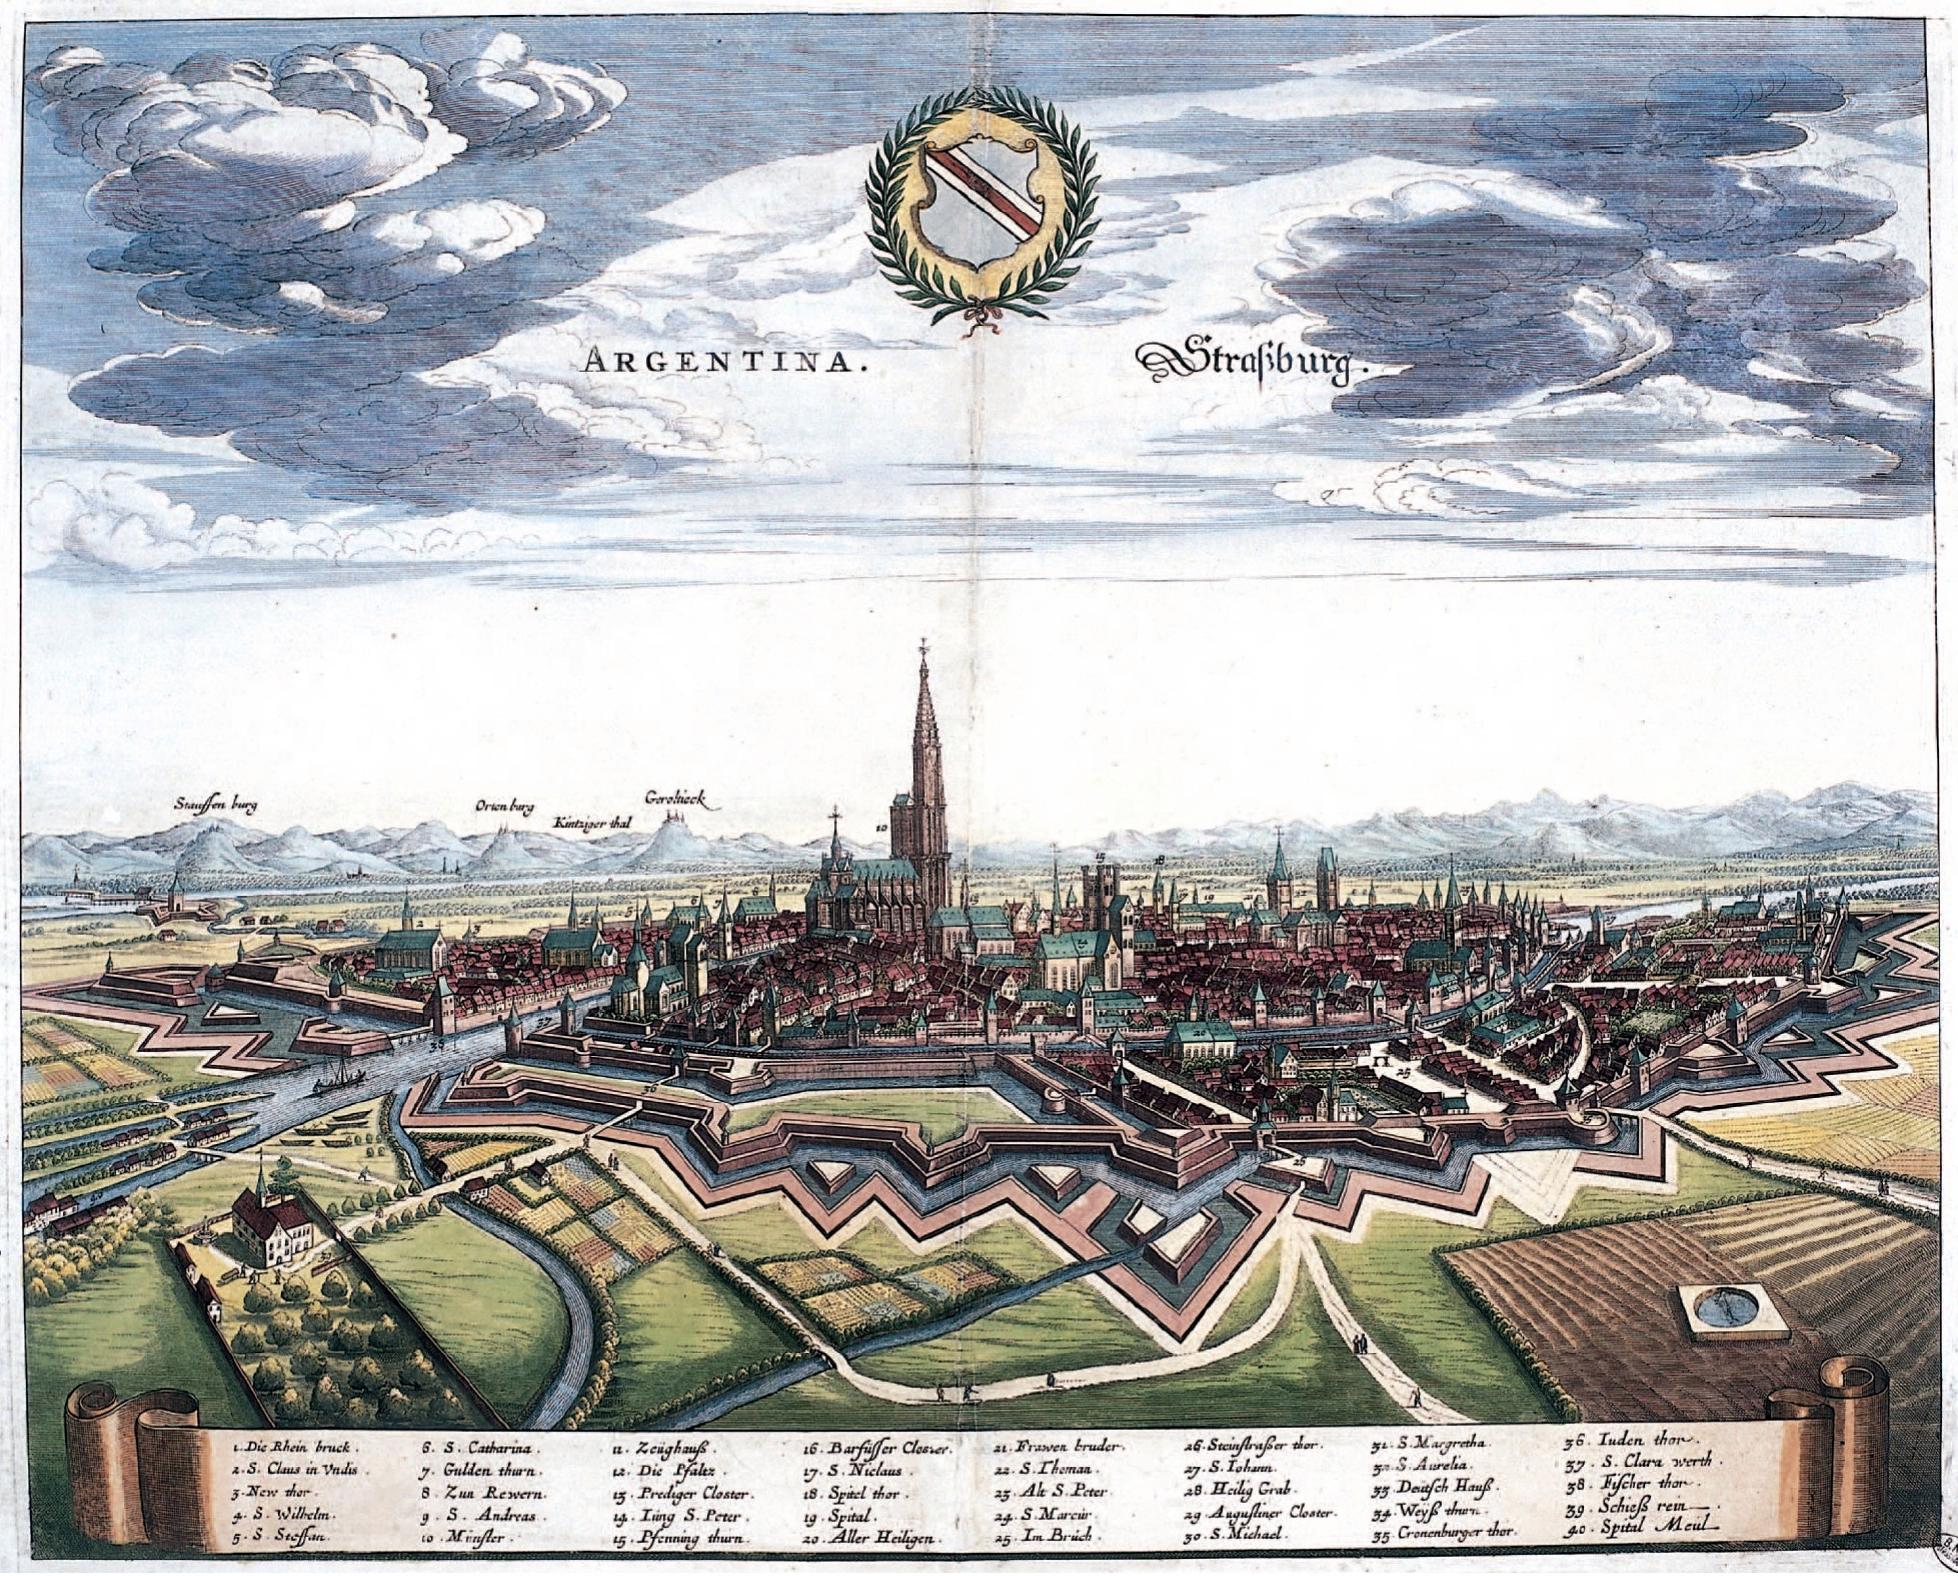 Une représentation de Strasbourg en 1644